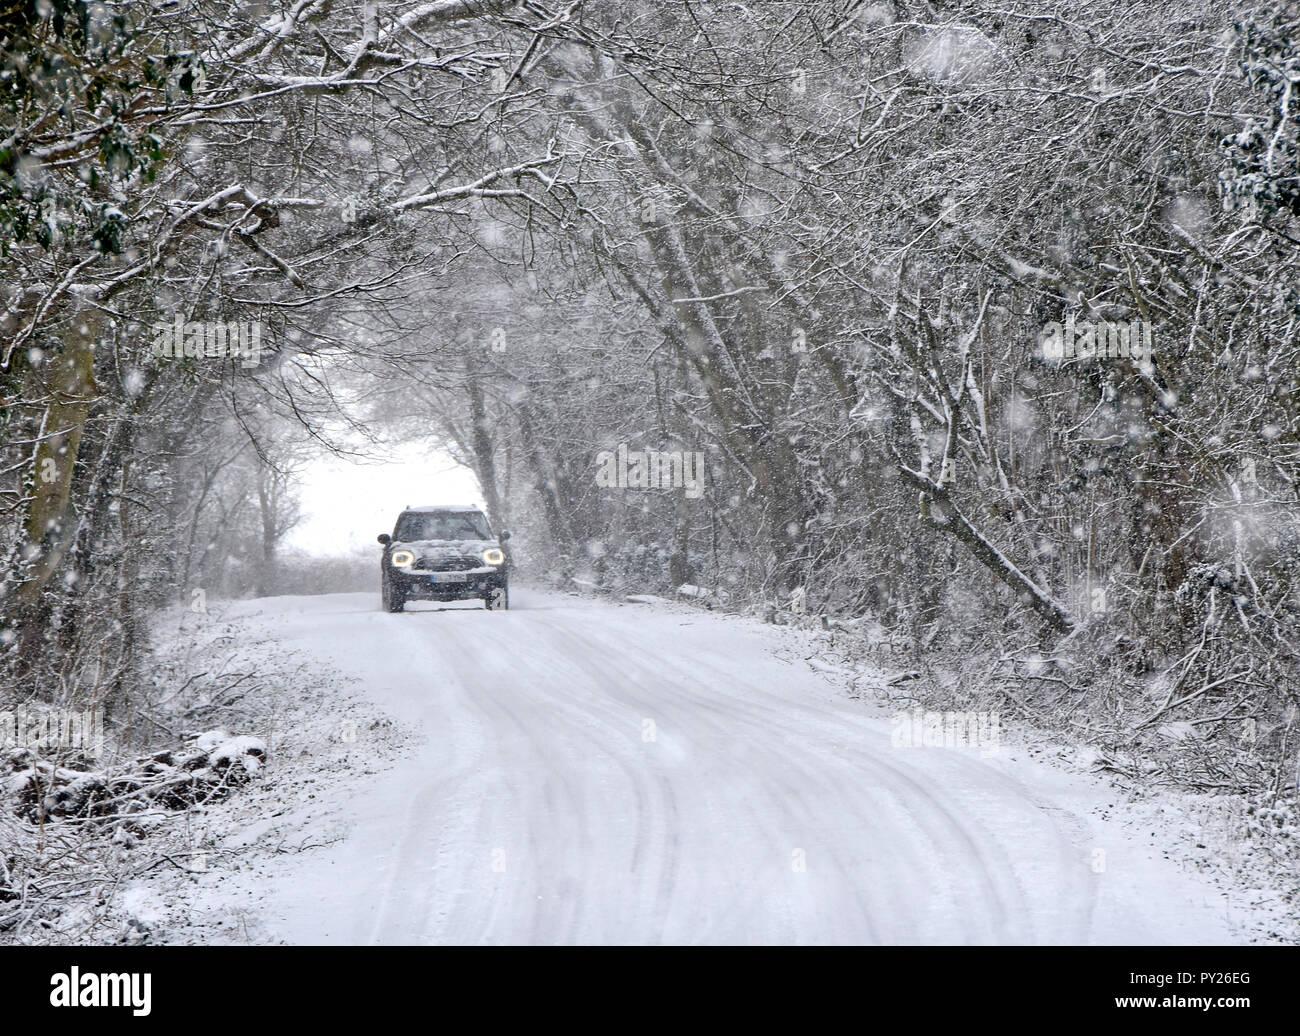 Les phares de voitures sur la conduite dans la neige qui tombe on country road tunnel arbre couvert de neige neige scène forestiers mauvais hiver météo Essex England UK Banque D'Images